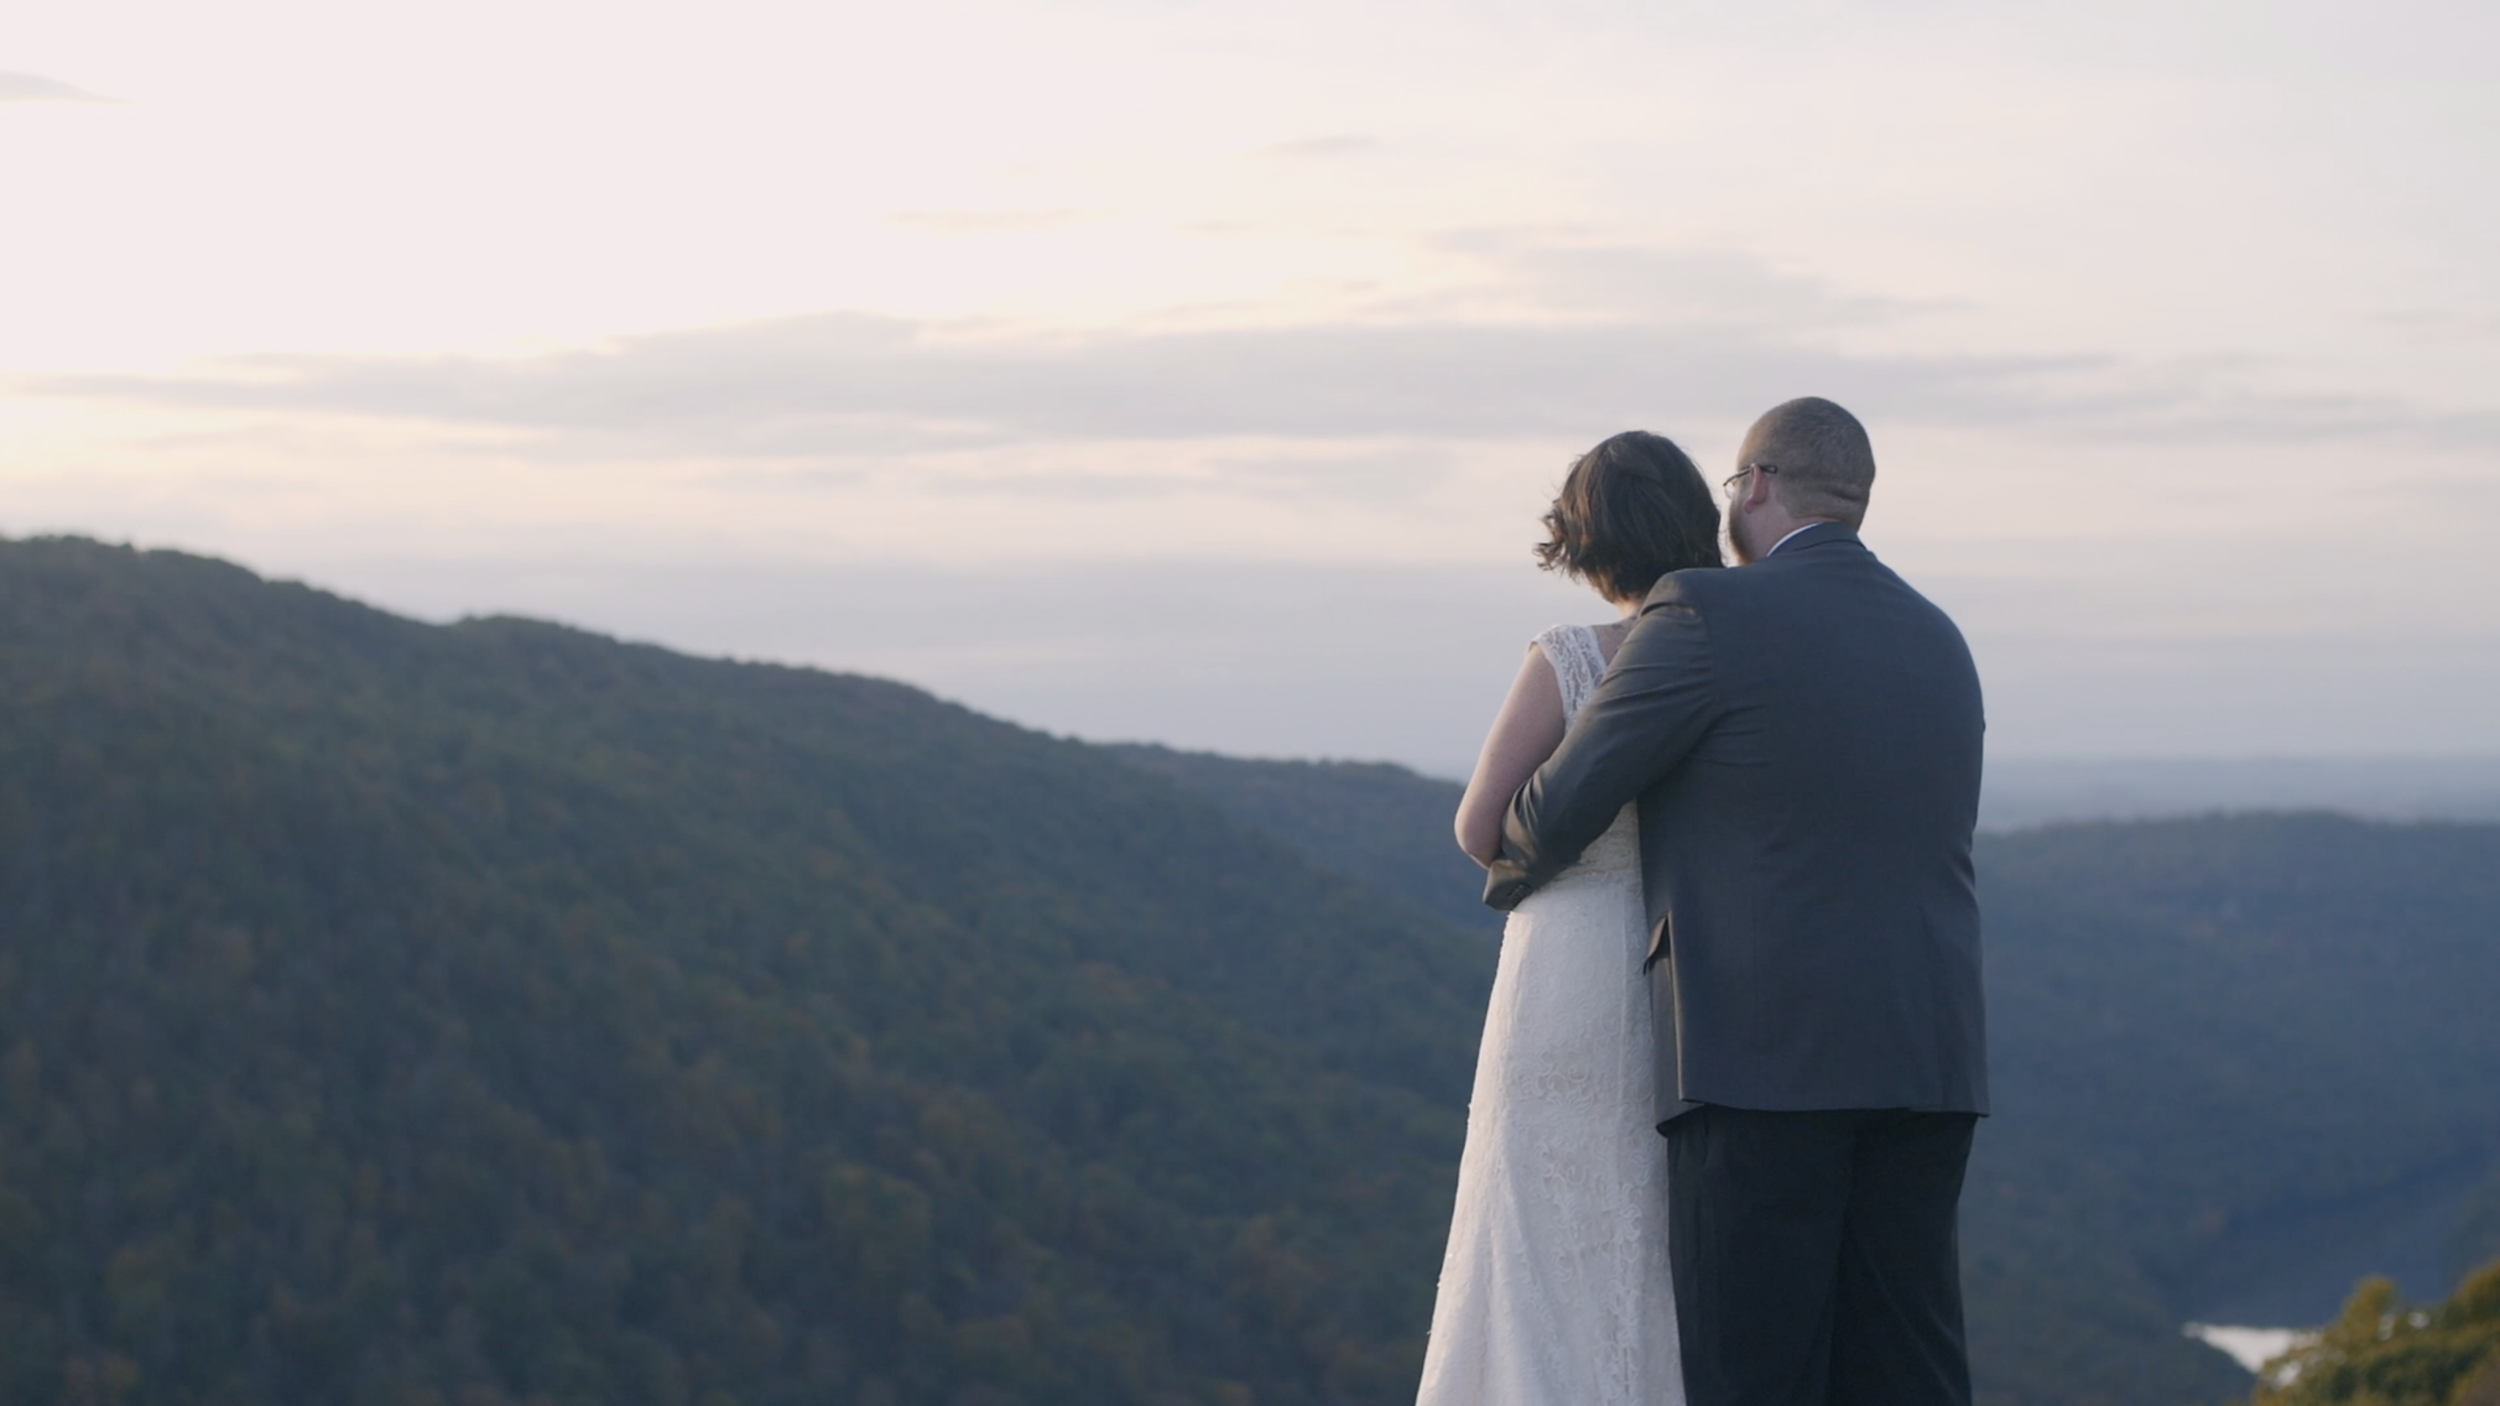 Elopement morgantown intimate bride groom